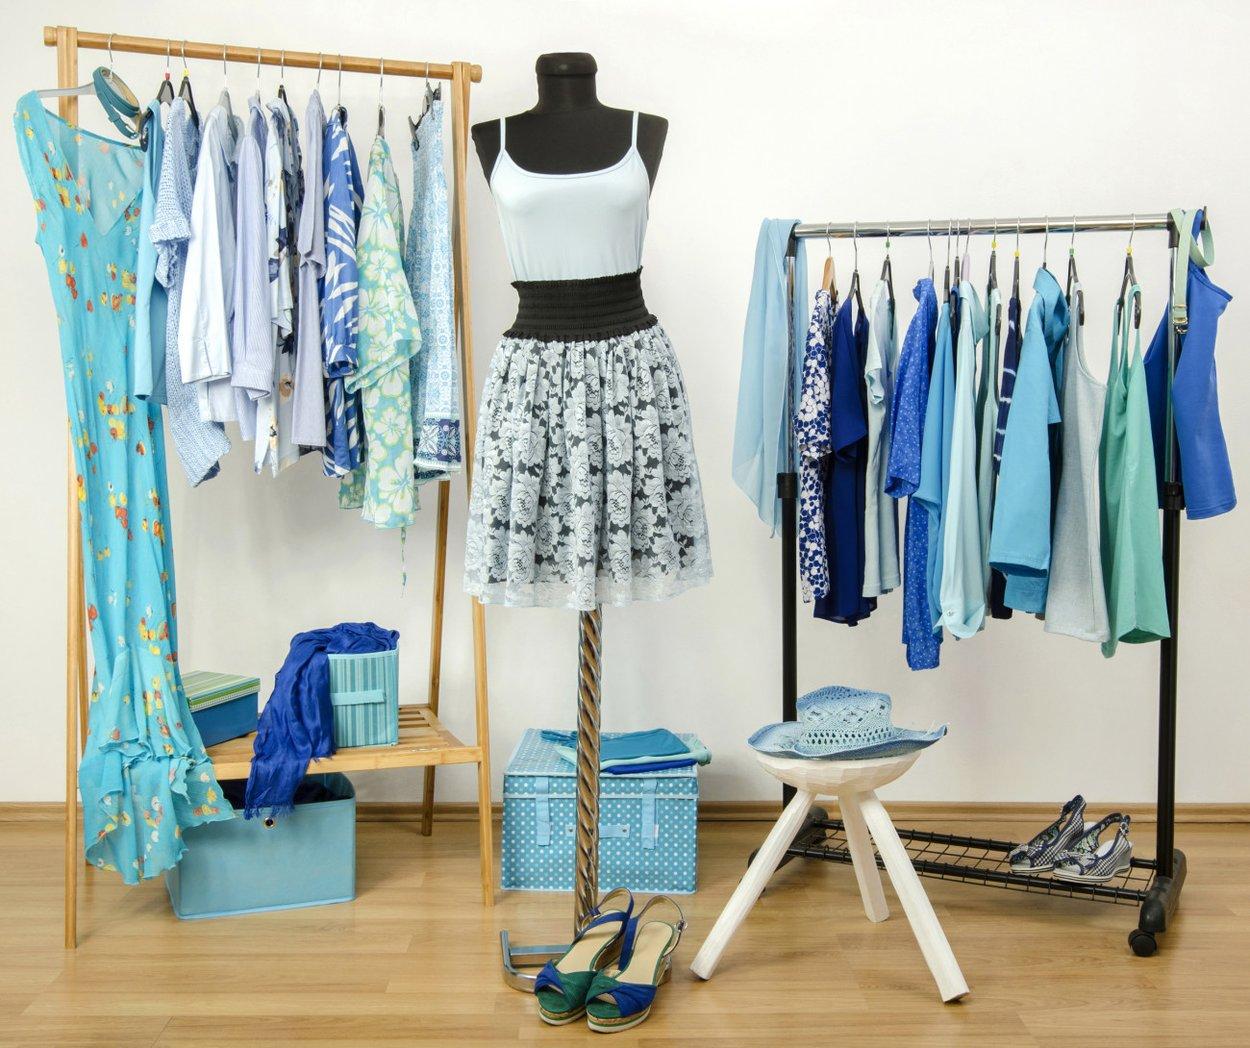 Zu kleiner Kleiderschrank - Kleiderständer